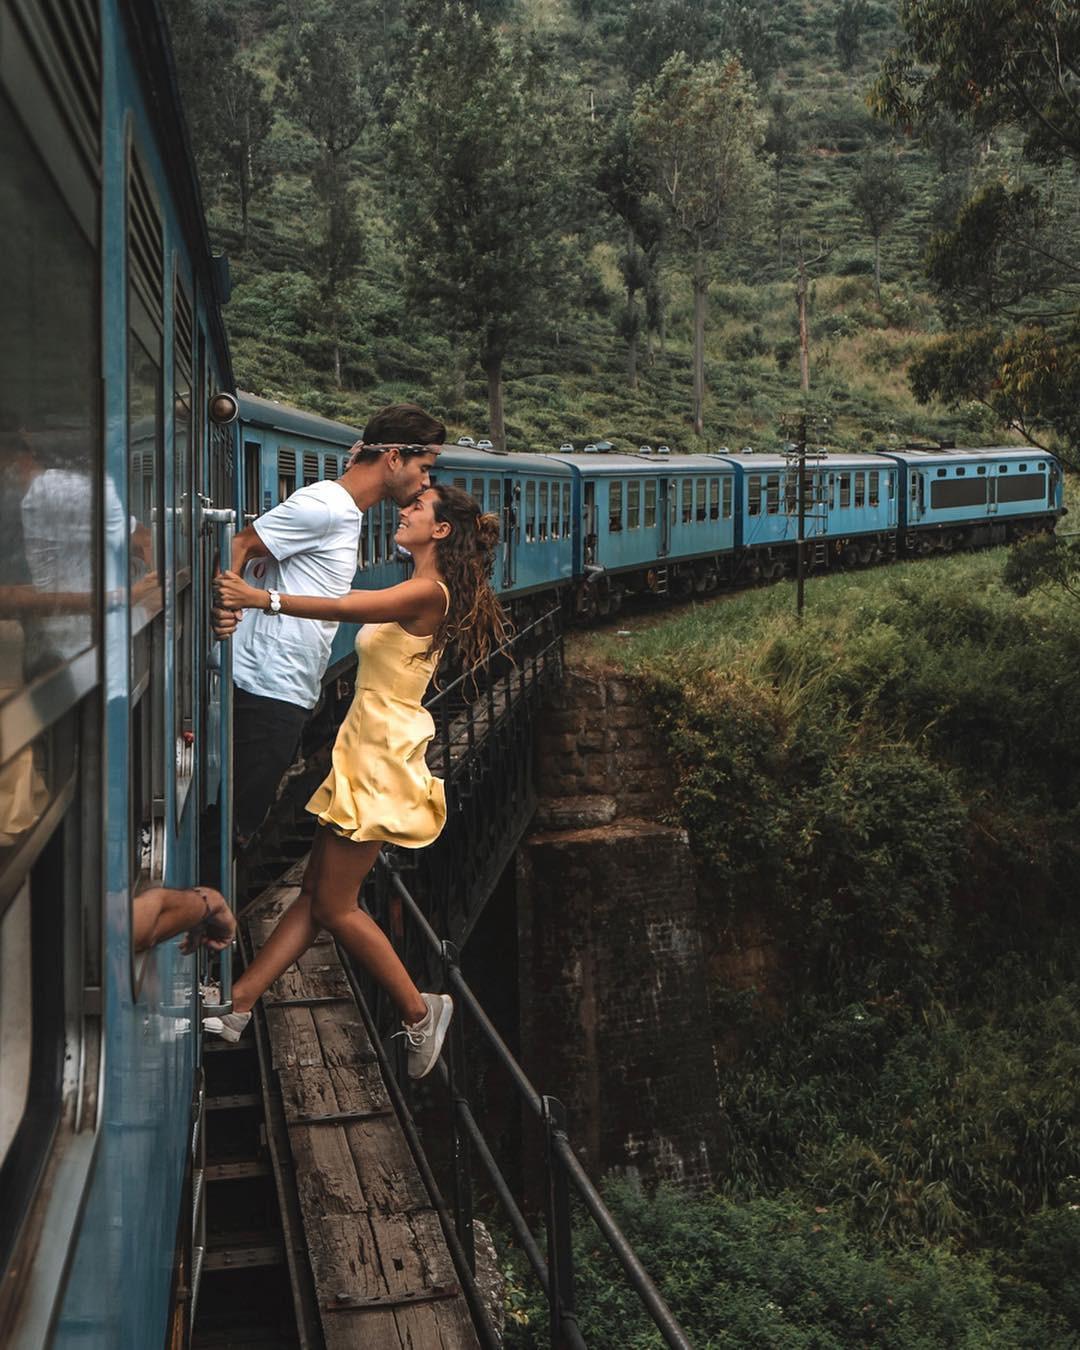 Tạo dáng nguy hiểm khi chụp ảnh du lịch, nhiều cặp đôi travel blogger nổi tiếng bị dân mạng ném đá kịch liệt - Ảnh 4.